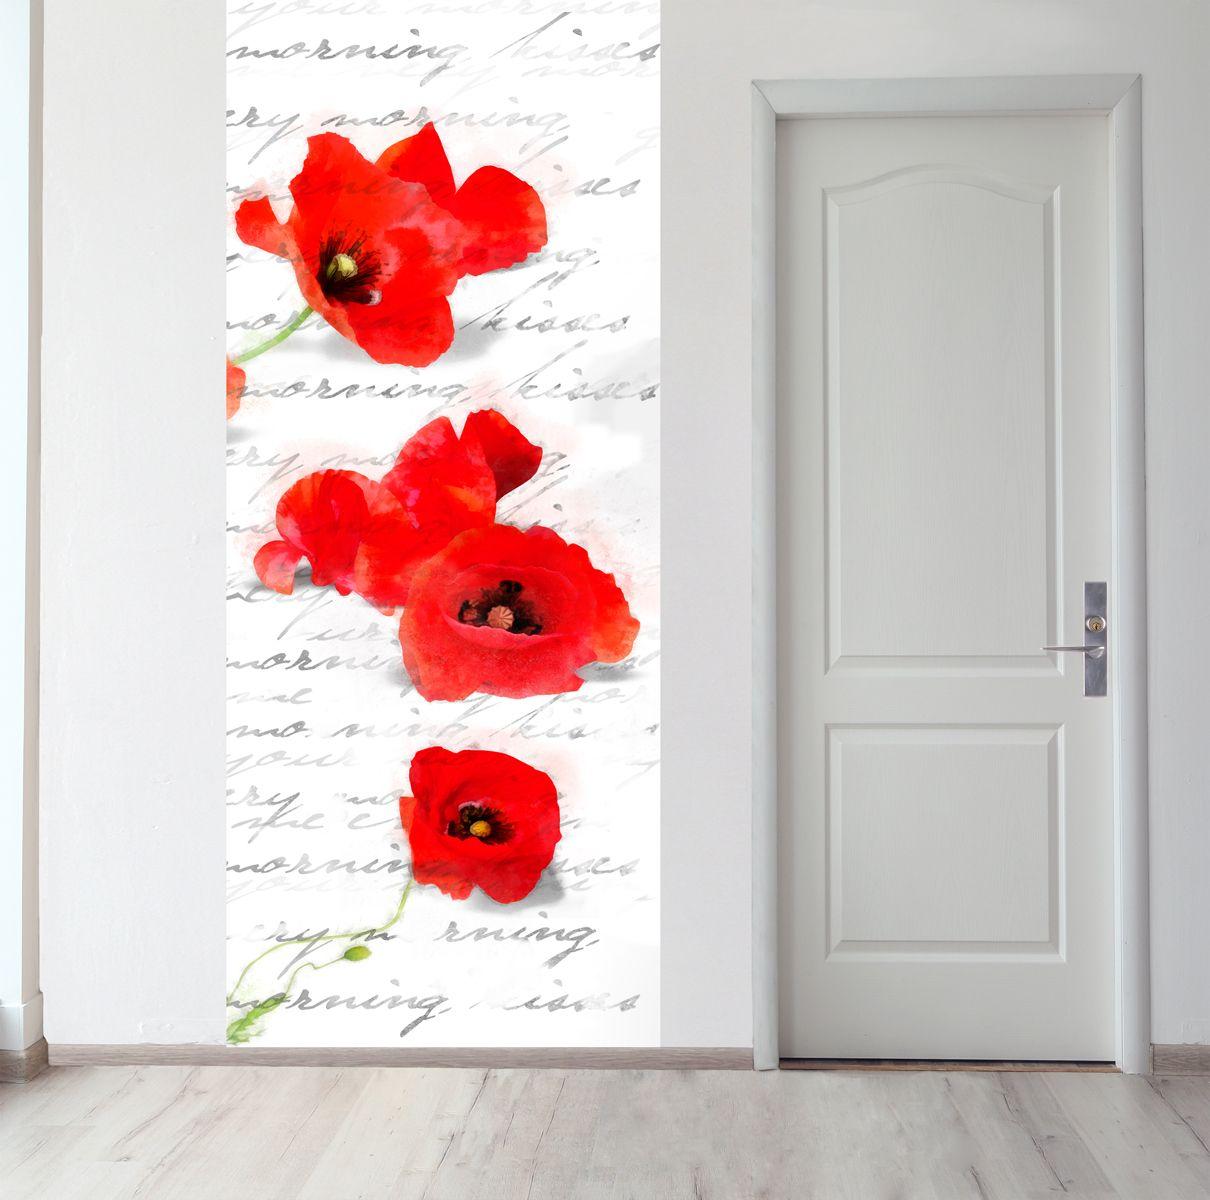 Панно на стену -   Зарисовка с маками магазин Интерьерные наклейки